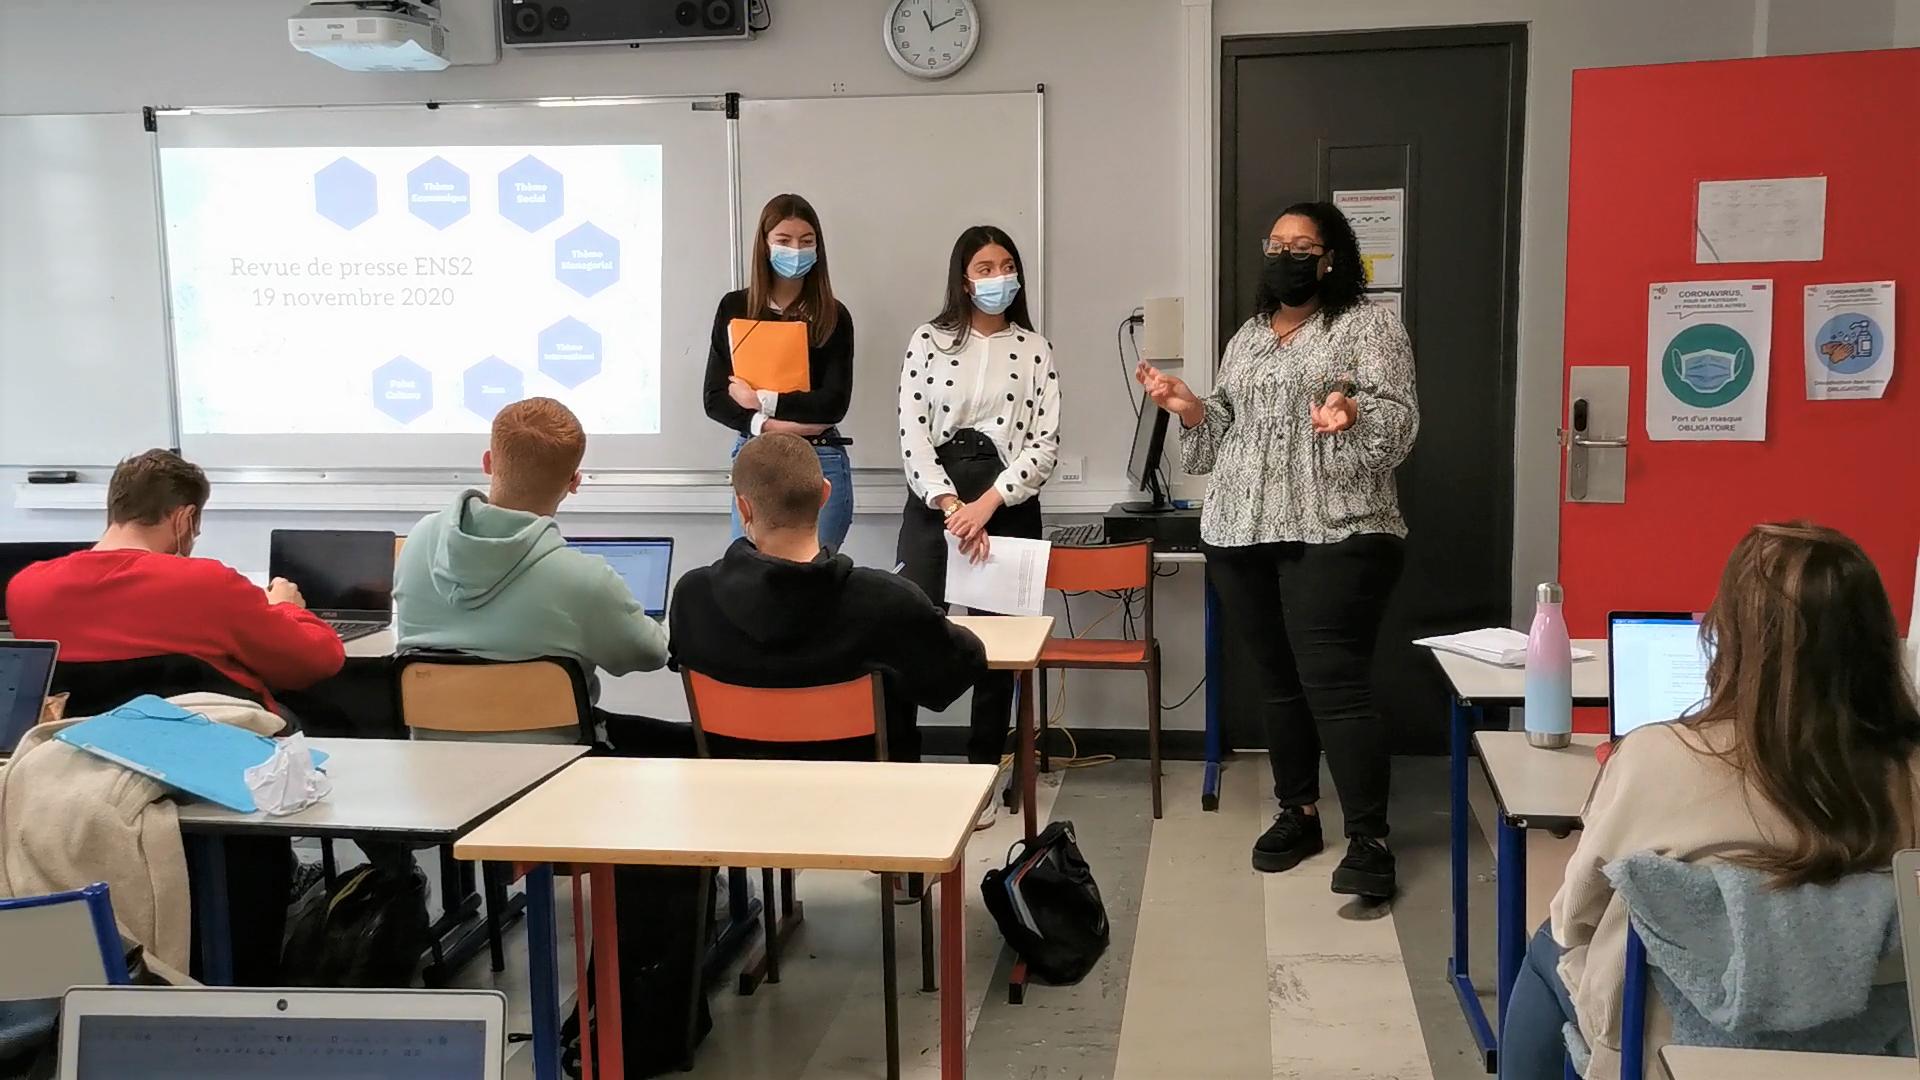 Revue de presse en ENS 2 - cours de culture générale  - nov. 2020